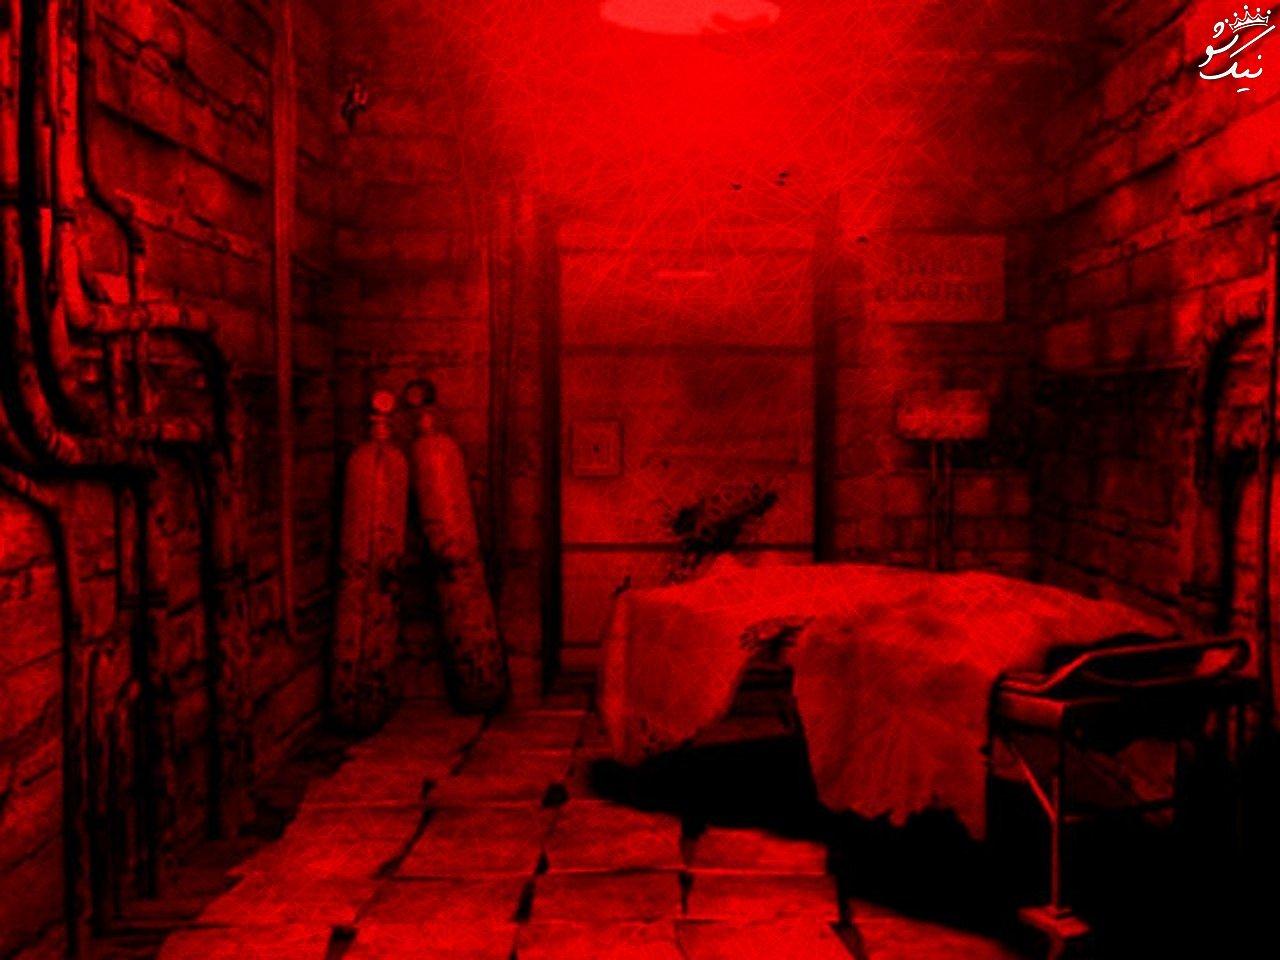 رد روم red room   اتاق قرمز در دیپ وب و سلاخی آنلاین انسان